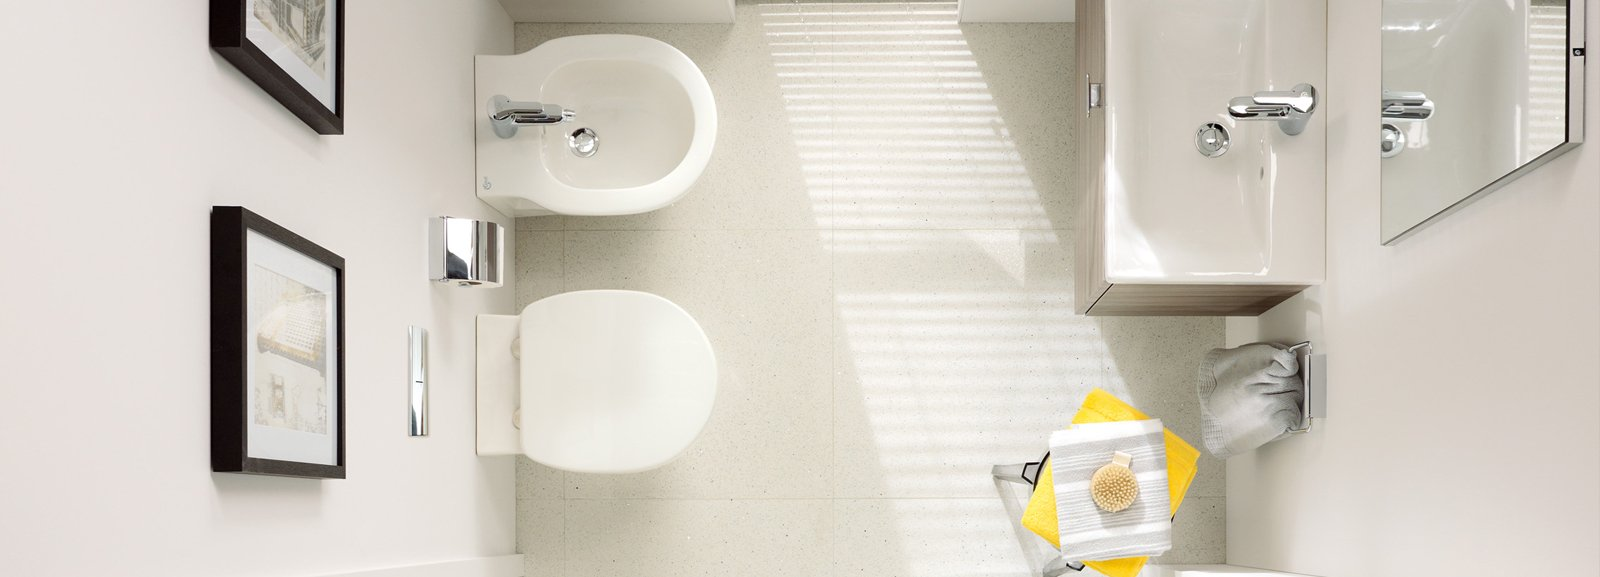 Bagno piccolo soluzioni piccole cose di casa for Arredo bagno piccole dimensioni